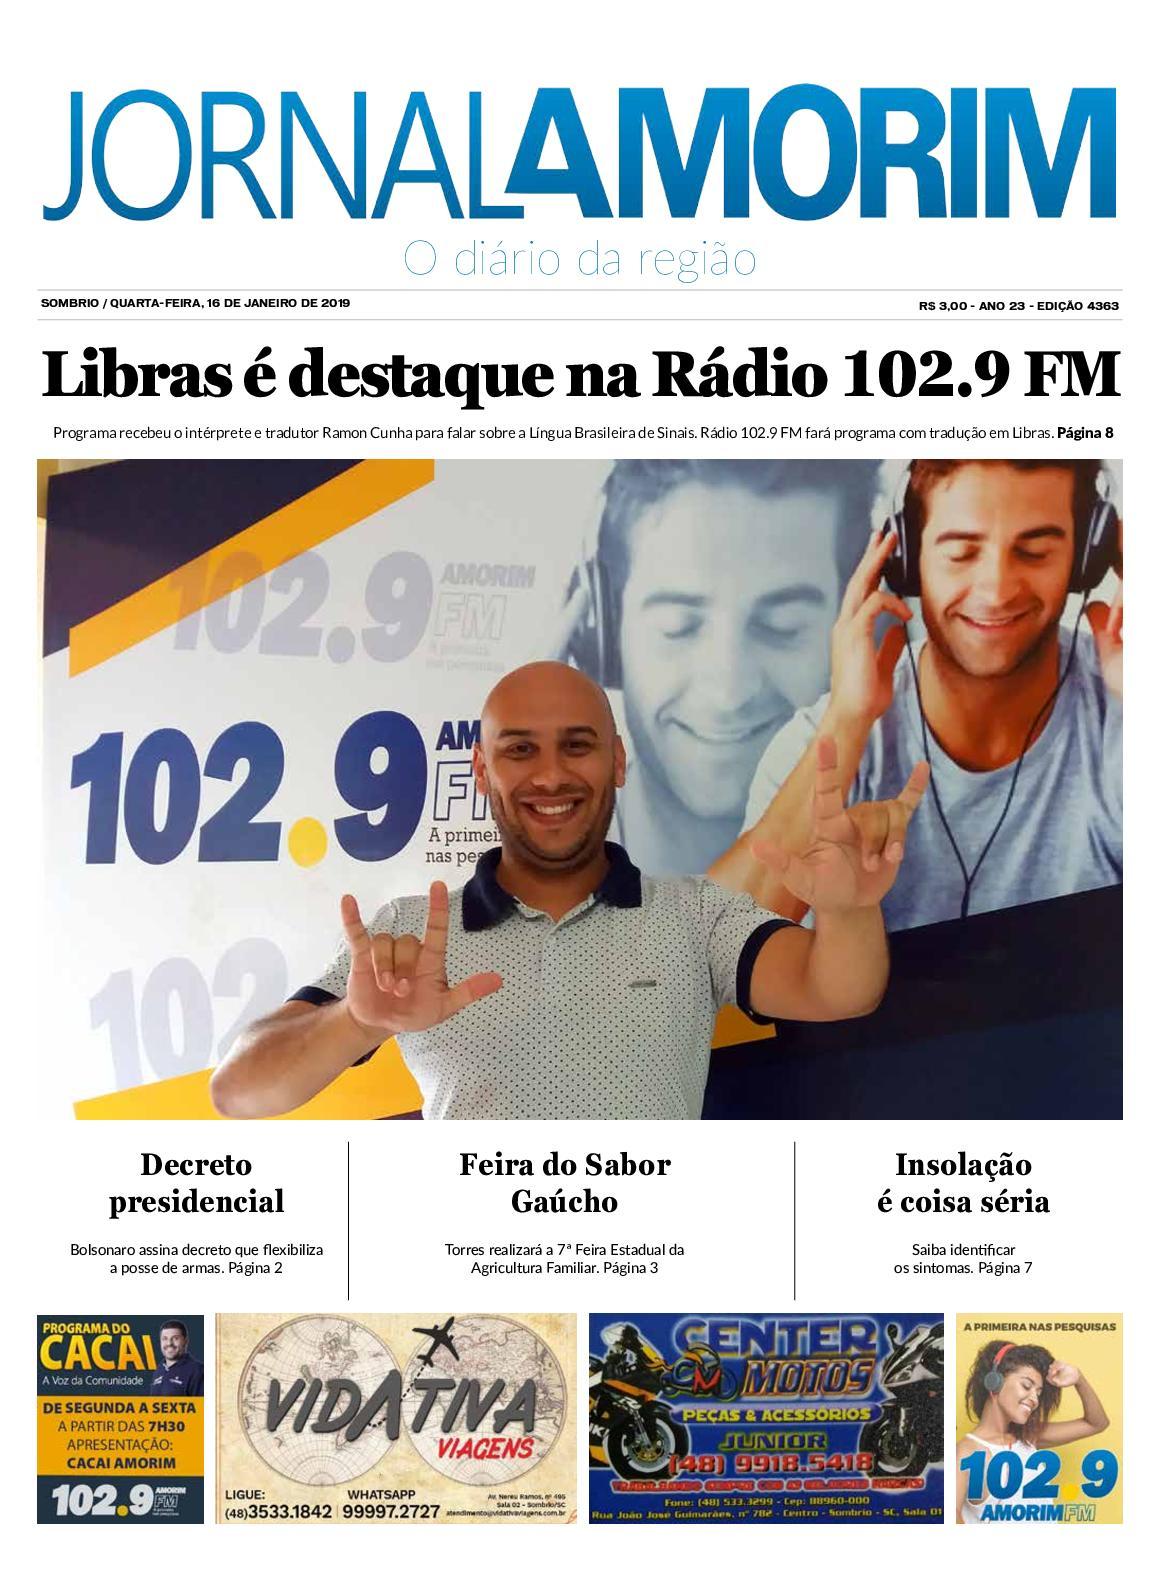 Jornal Amorim - 16 - 01 -19